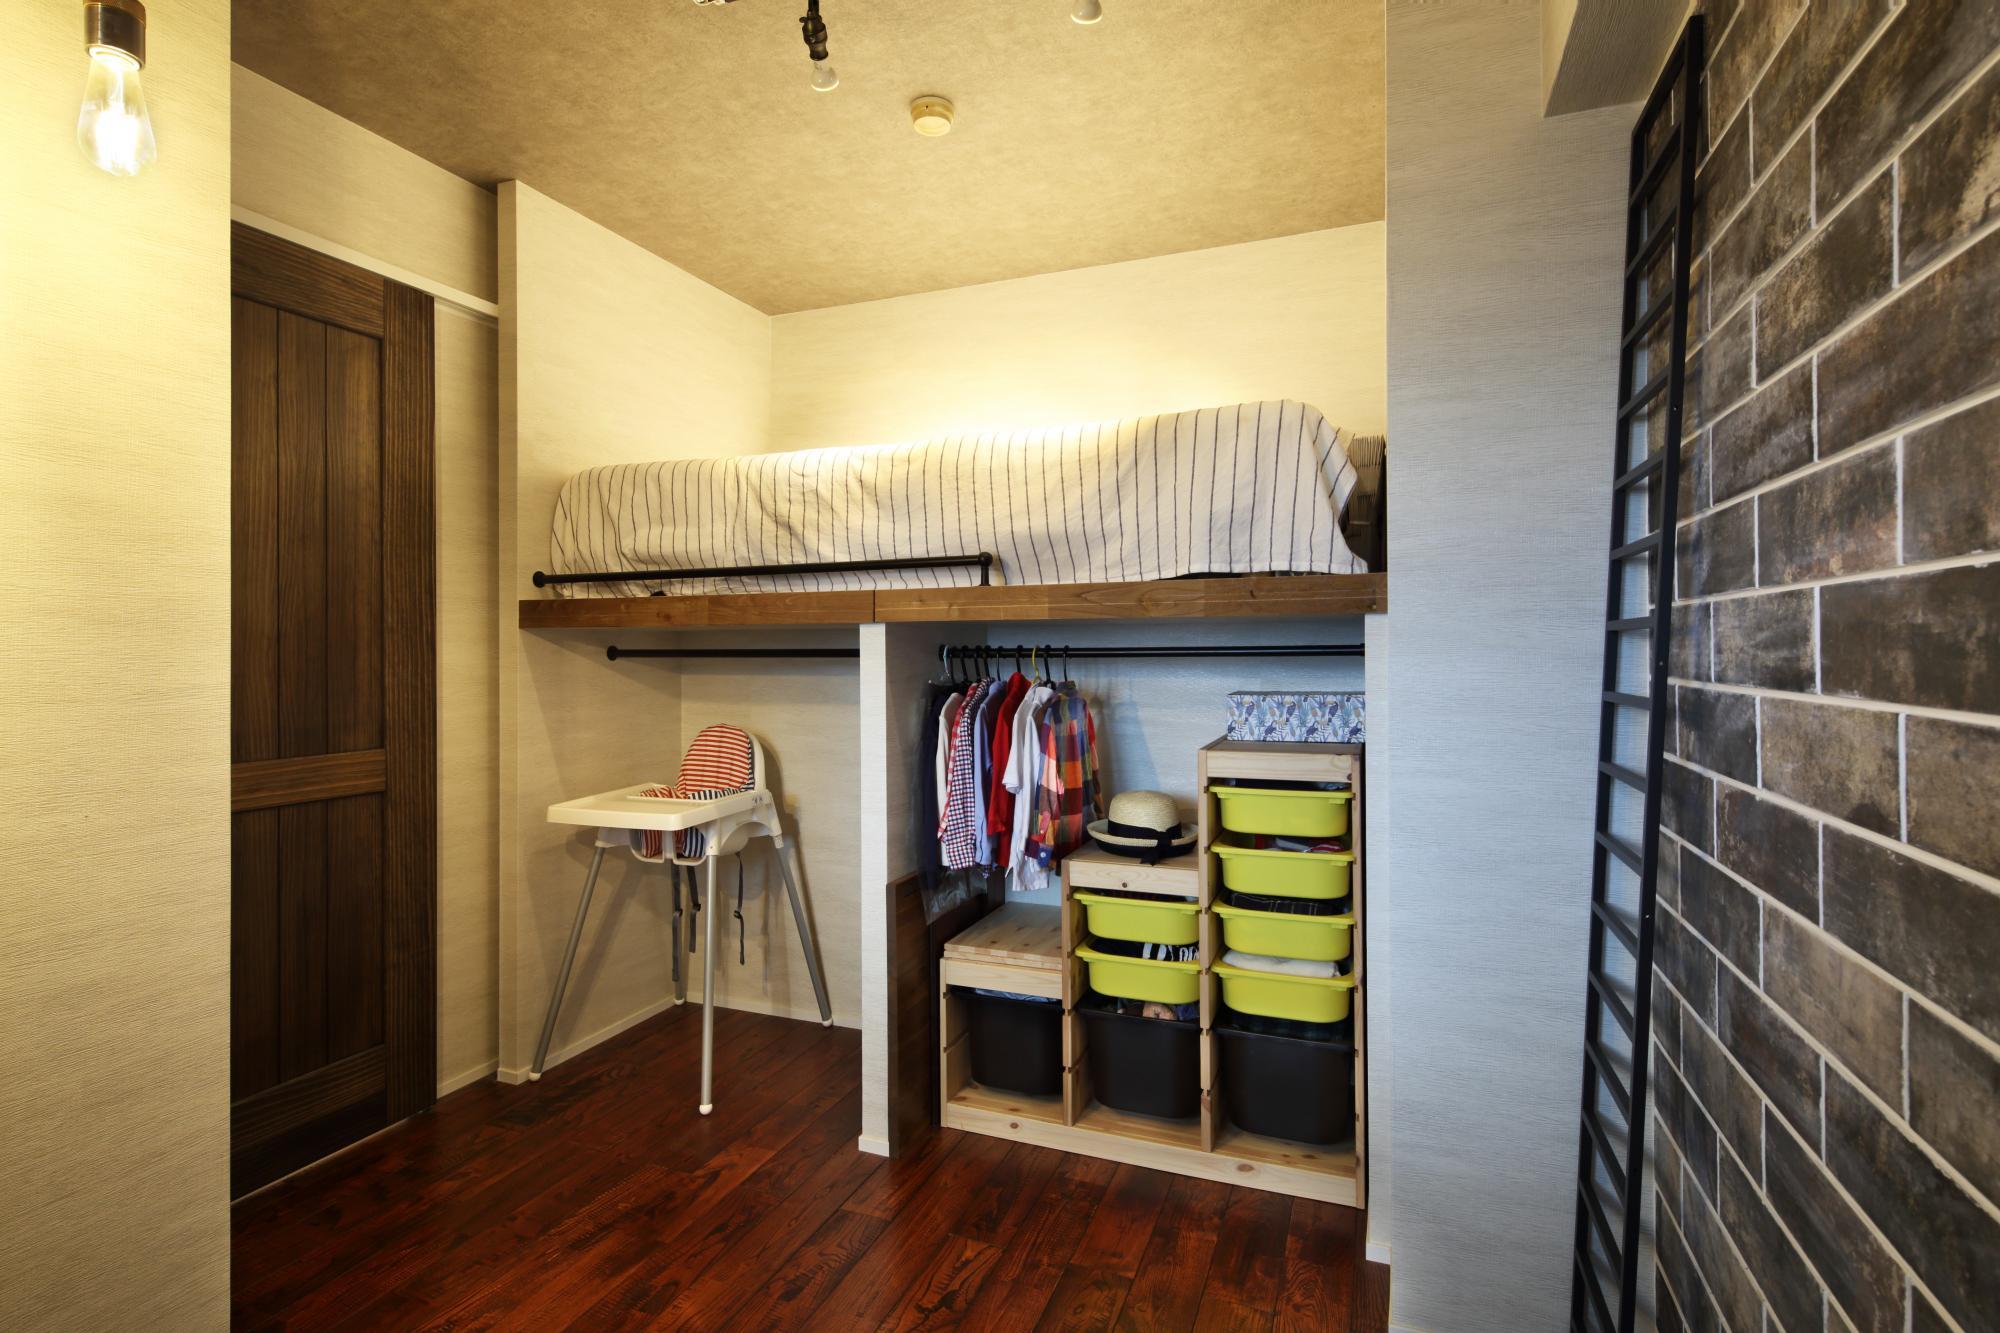 秋生まれの男の子のお部屋は、栗の床材とクロスの風合いでヴィンテージテイストに仕上げました。ロフトベッドを造作し、下部のスペースは収納として活用